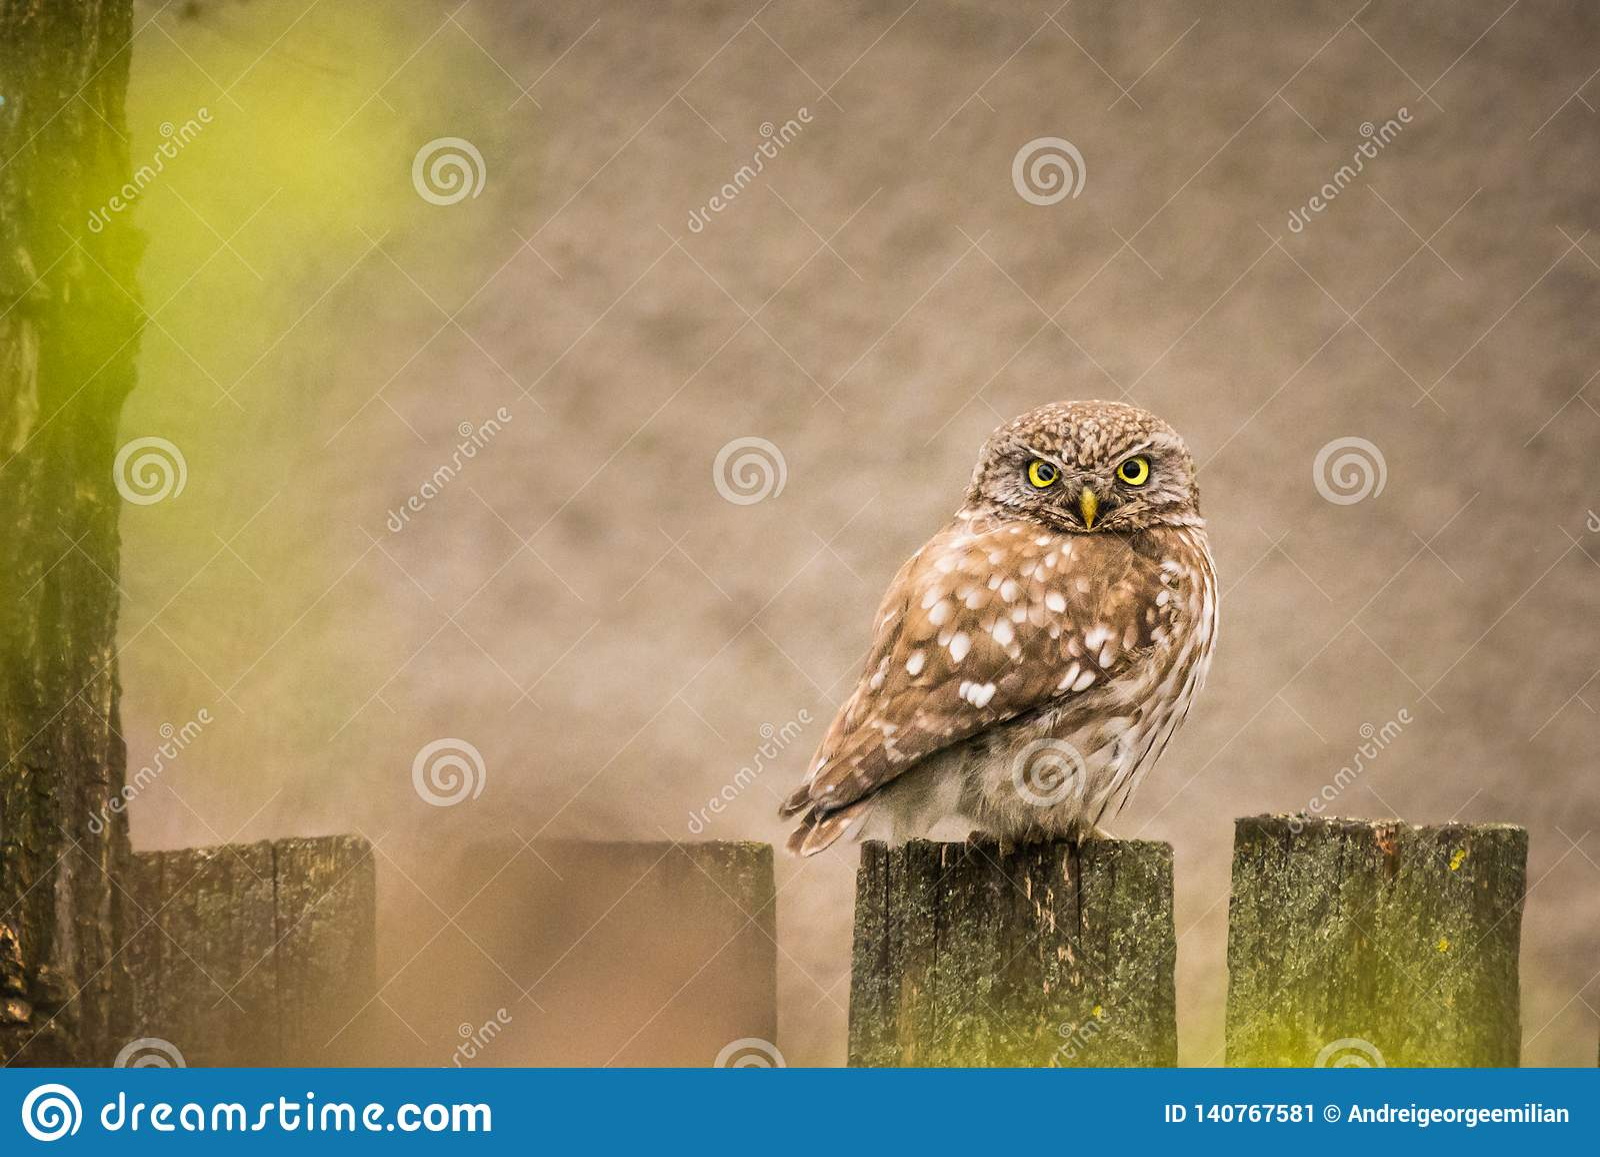 Wildlife - Little Owl on a fence